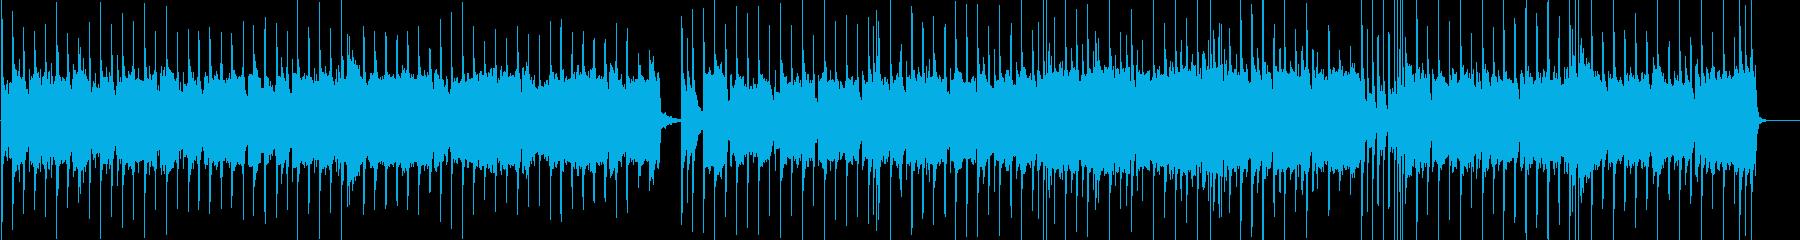 キャッチーなポップ/ロックトラック...の再生済みの波形